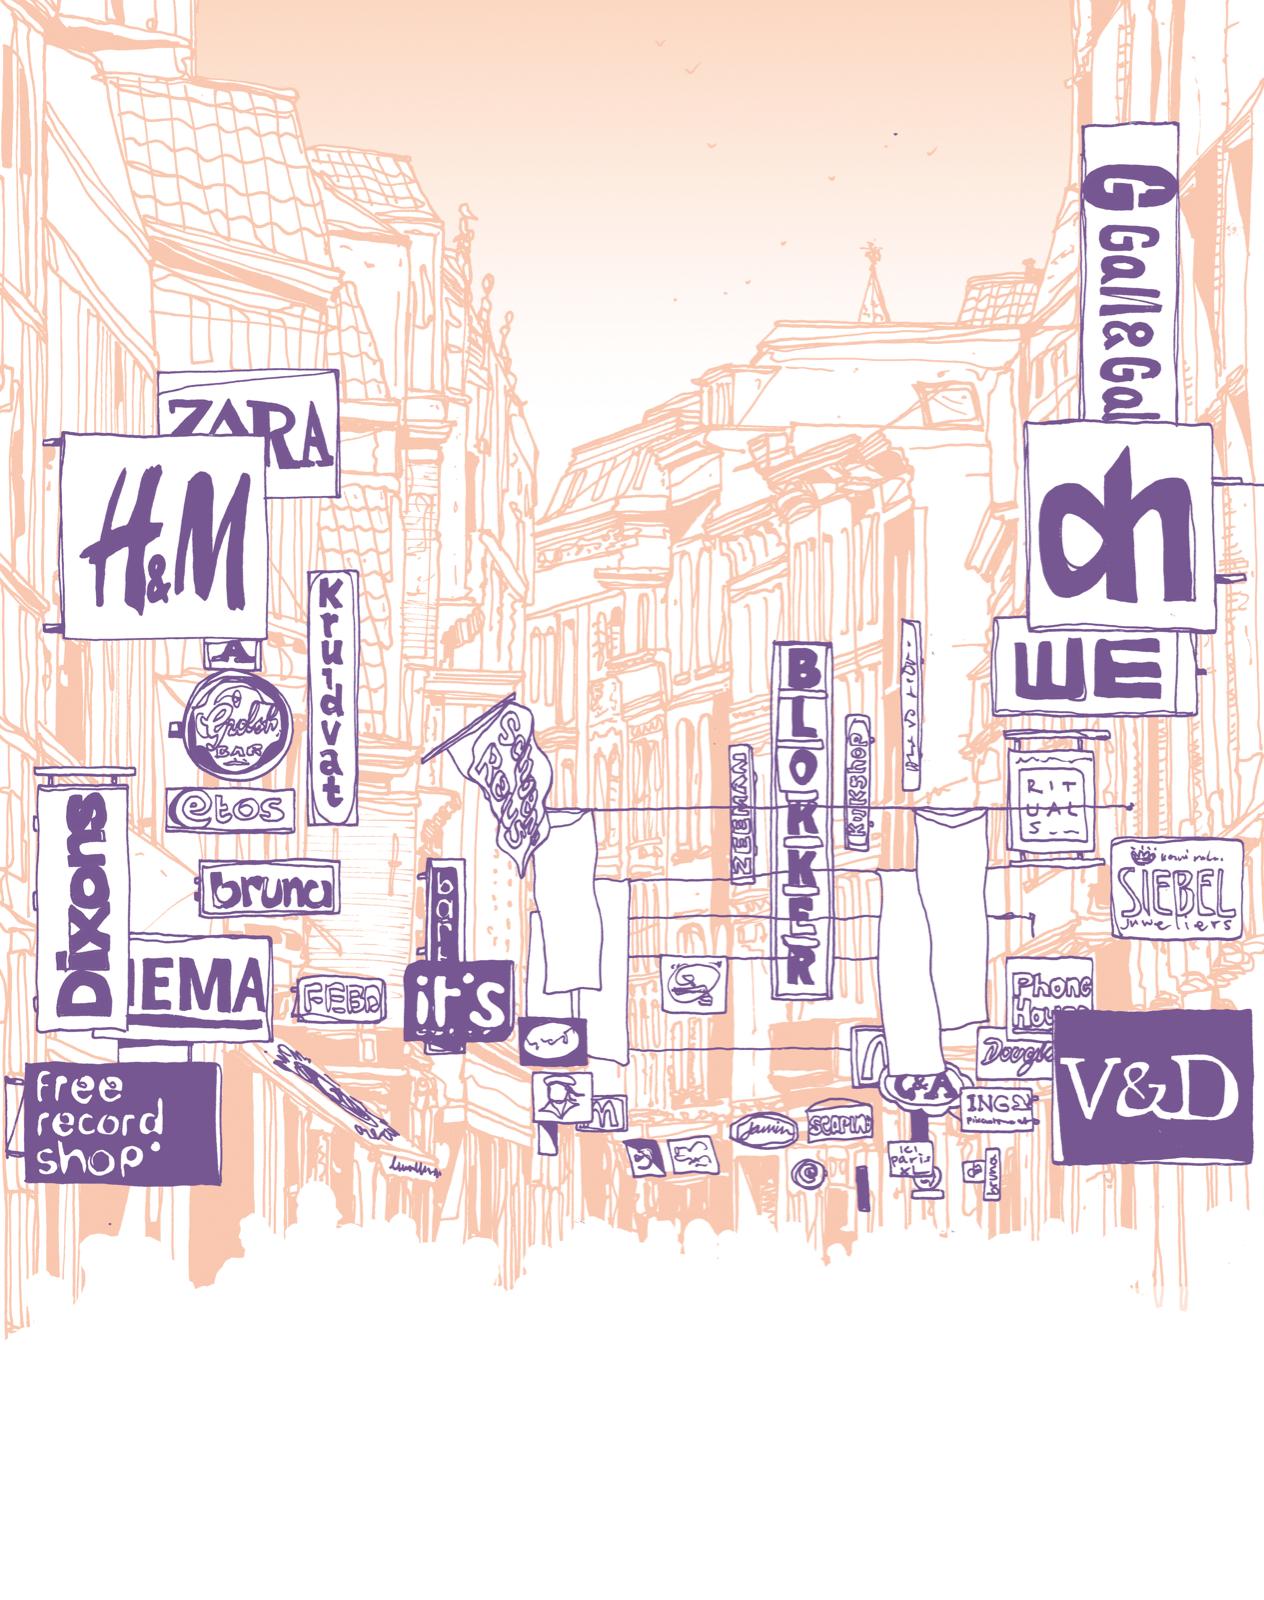 Winkelstraat vanaf 2000. Illustratie: Zenk One